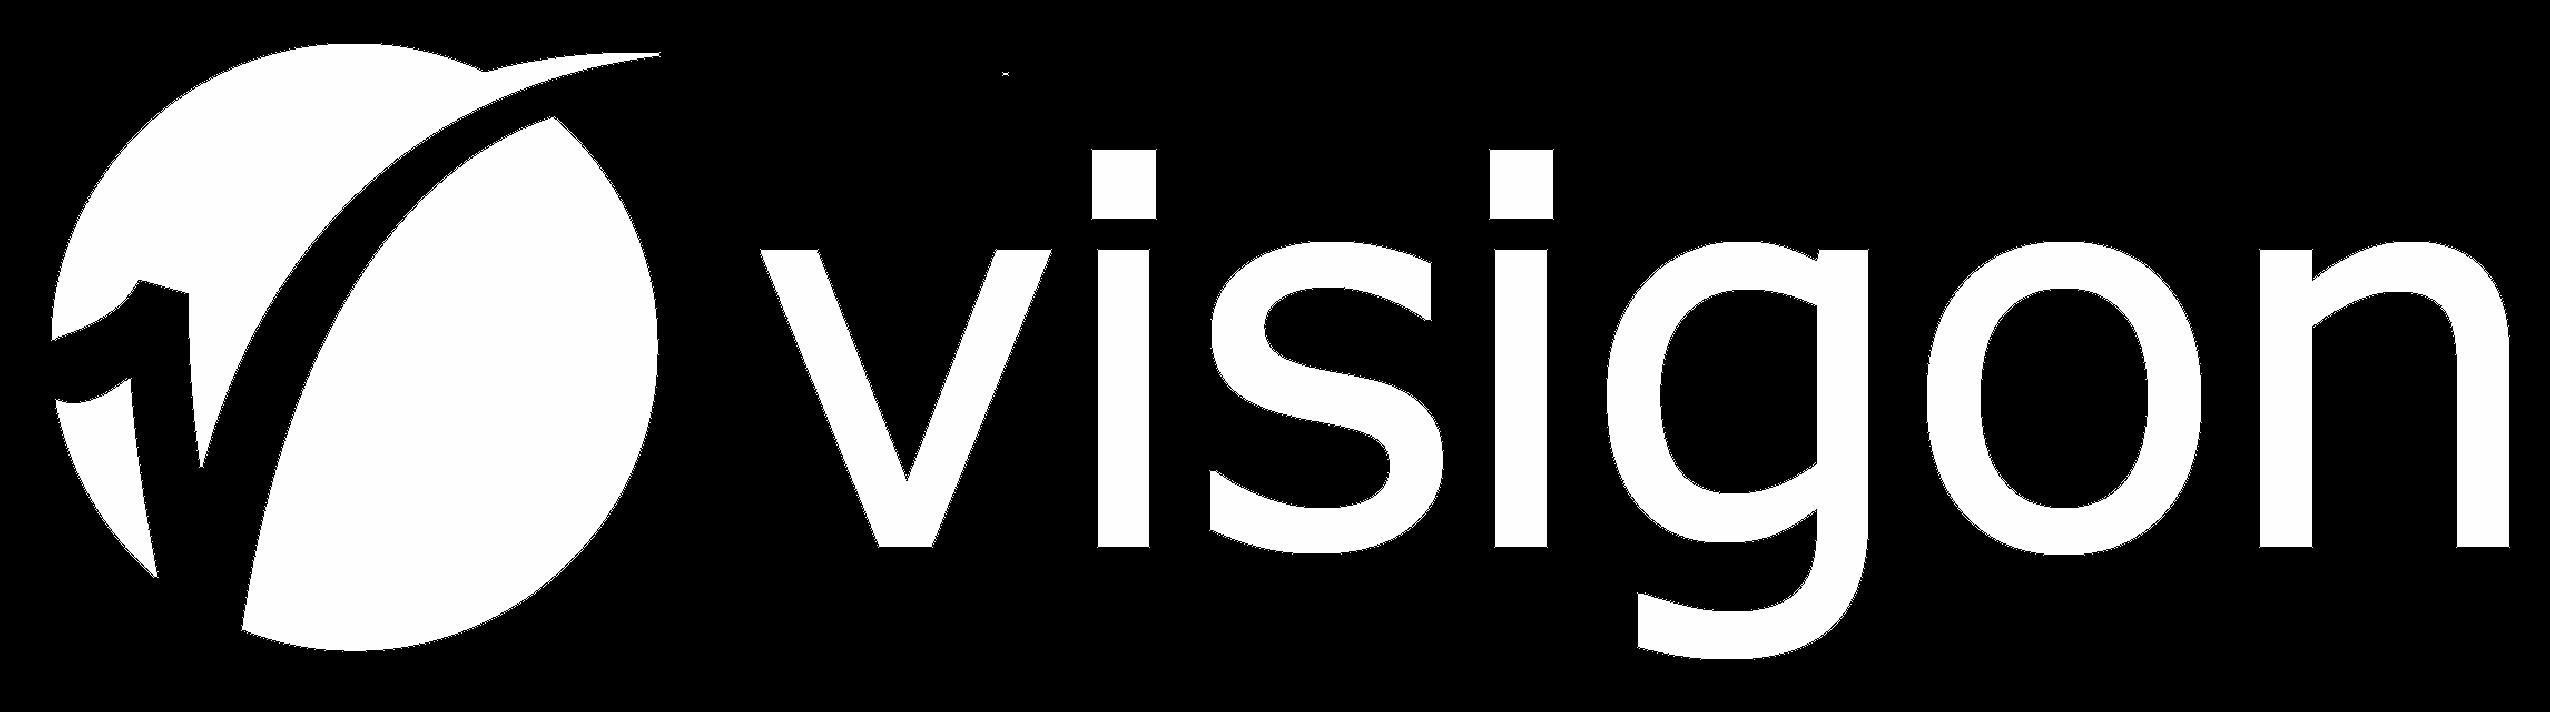 Visigon